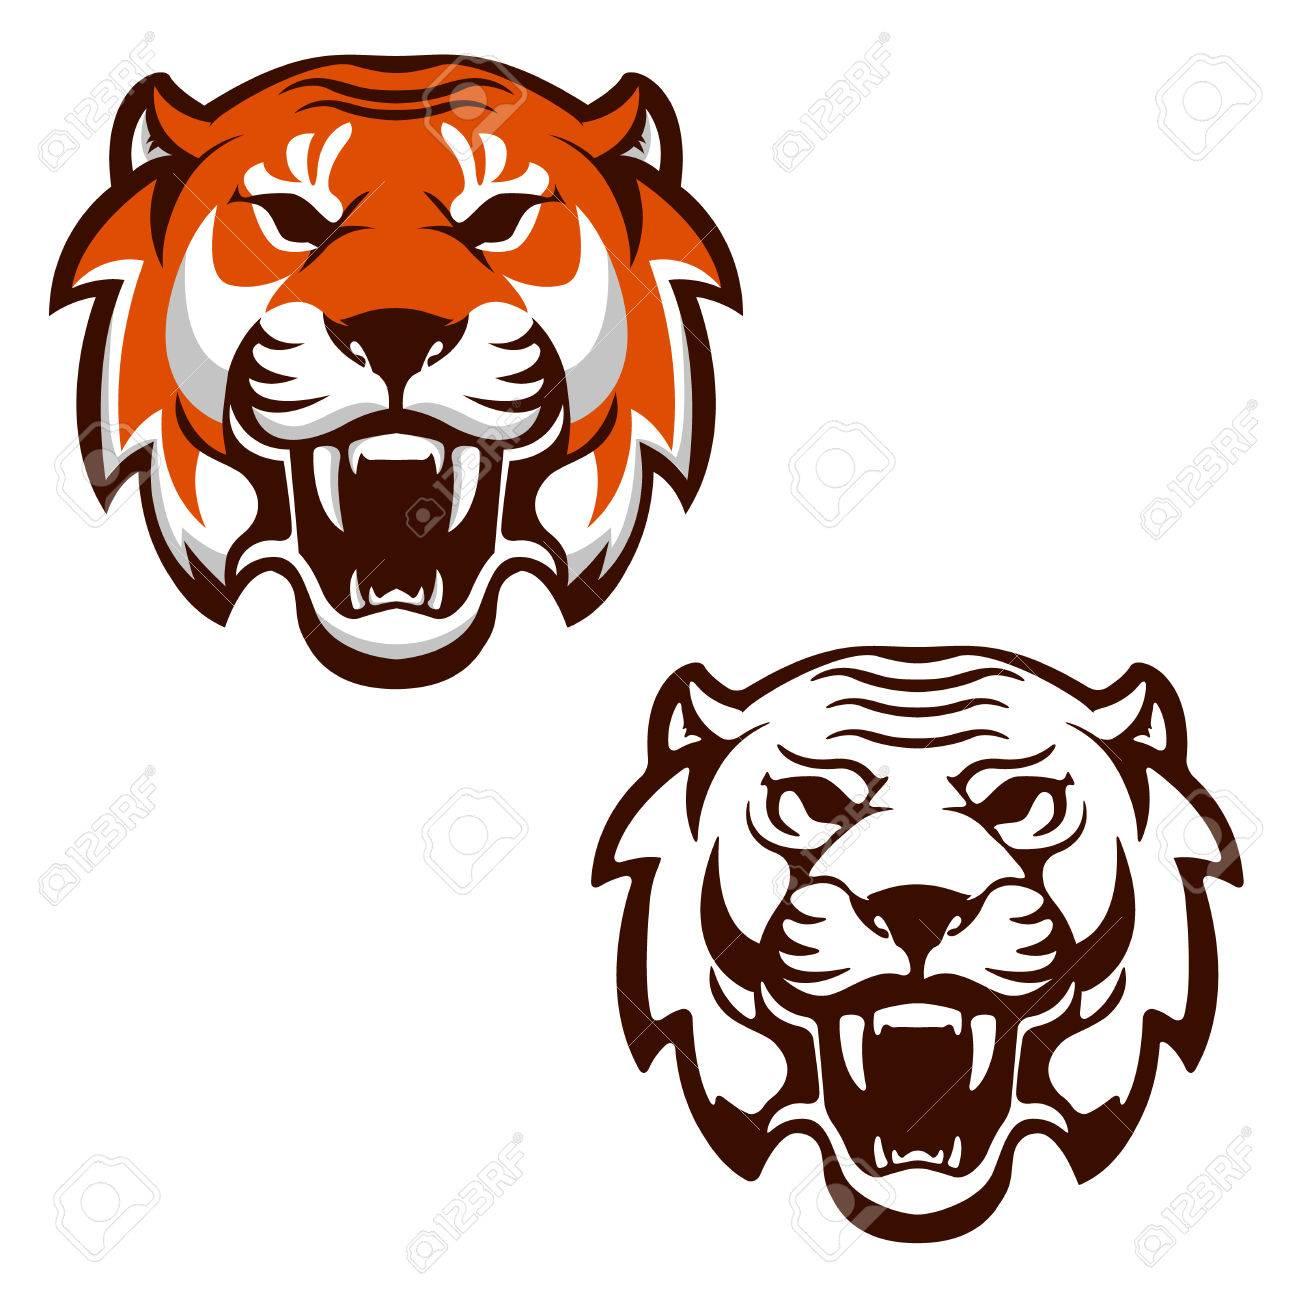 Ensemble de ttes de tigre sport quipe mascotte lment de design sport quipe mascotte lment de design pour le logo ltiquette emblme signe marque de marque vector illustration thecheapjerseys Images